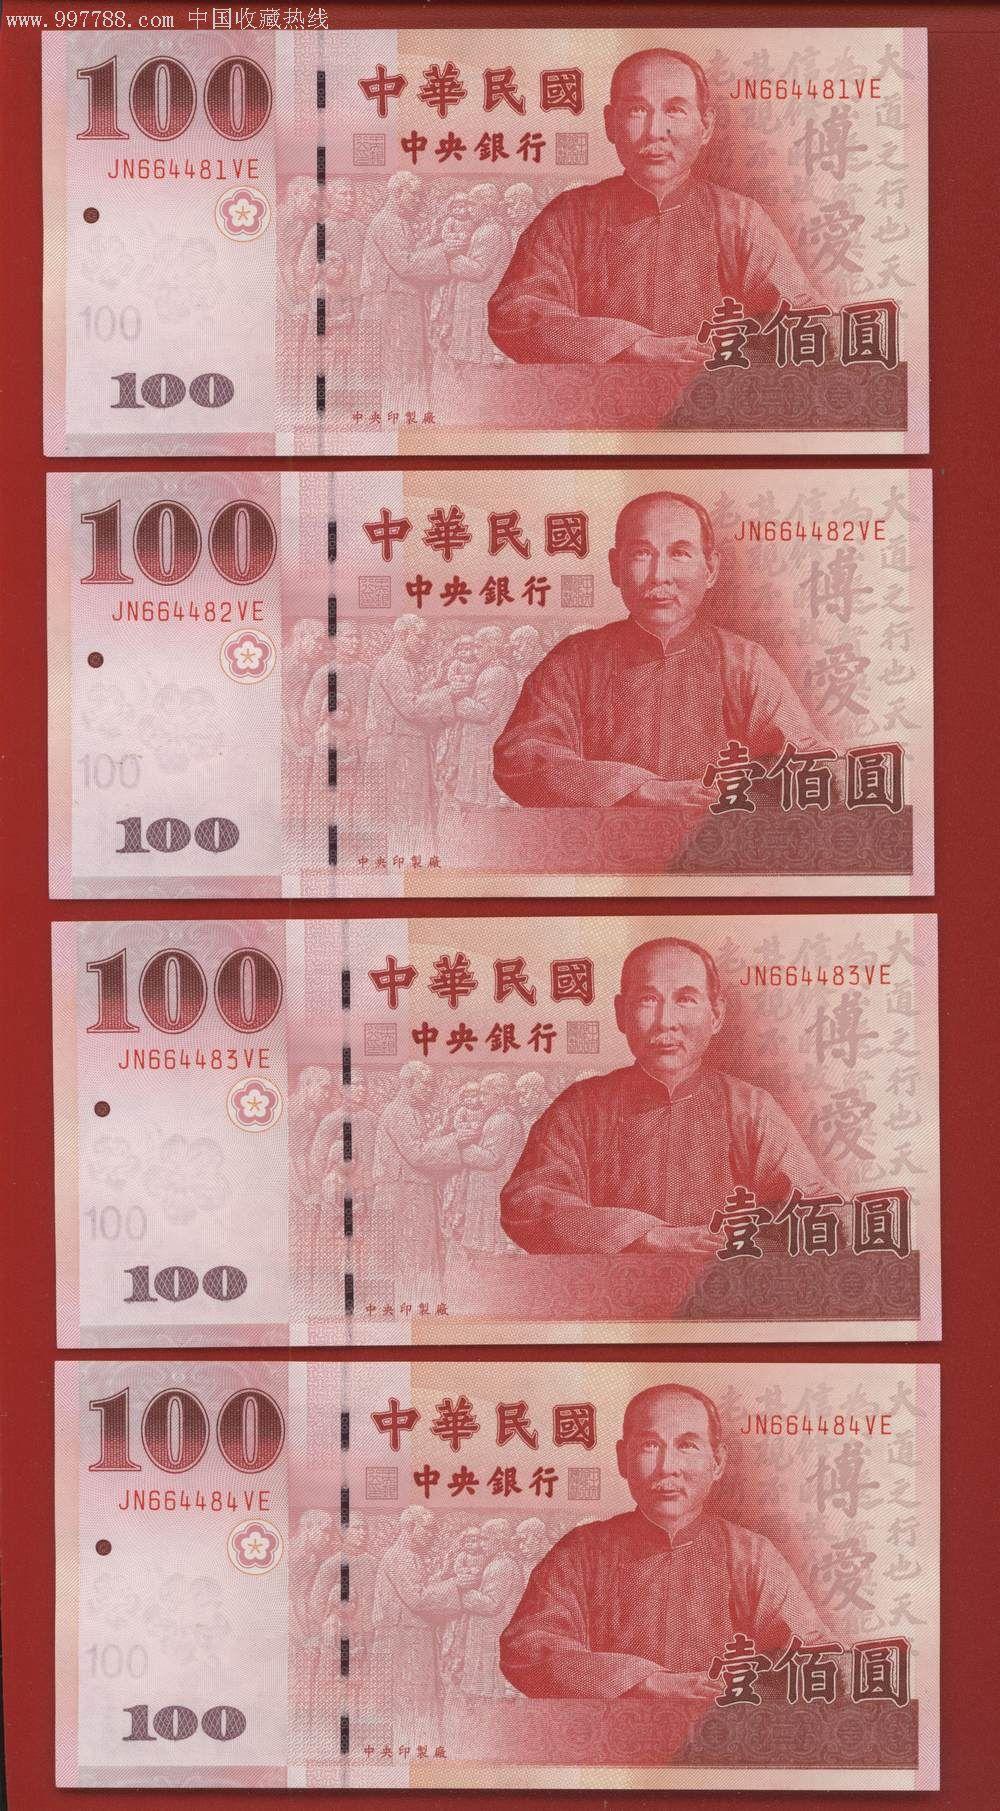 台湾辛亥革命100周年纪念钞20连号